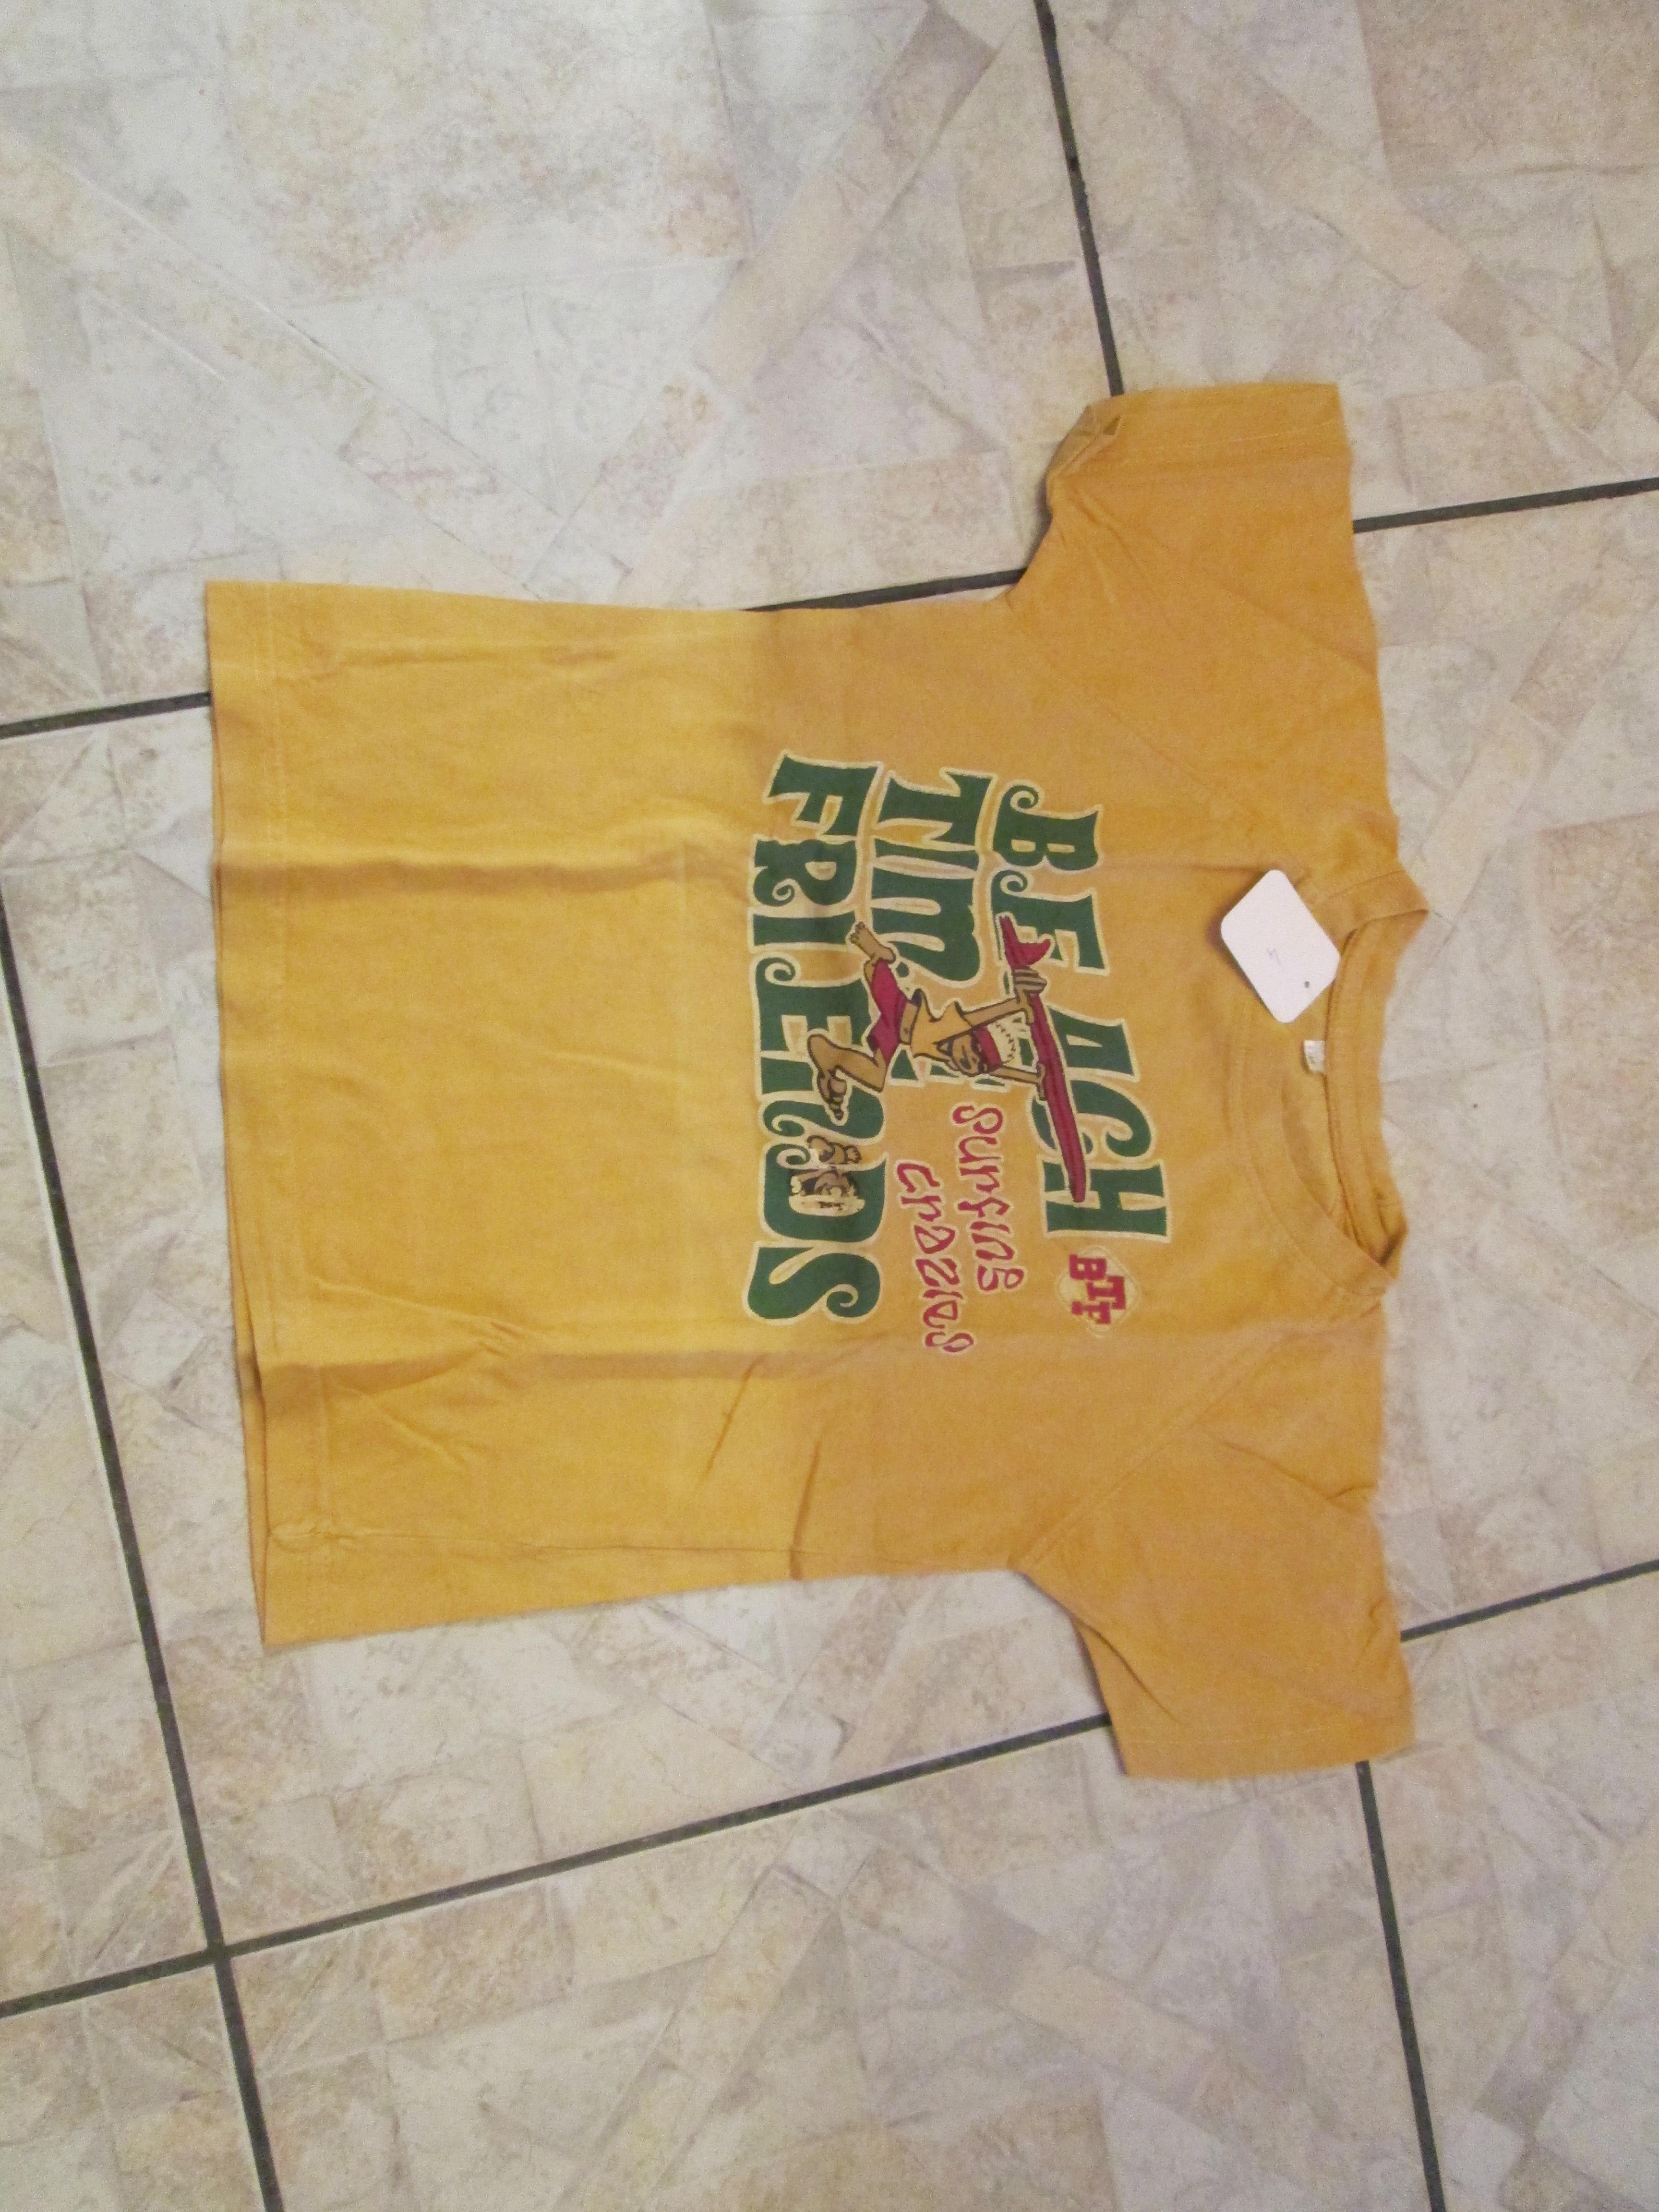 troc de troc tee shirt jaune 8 ans 3 noisettes image 0